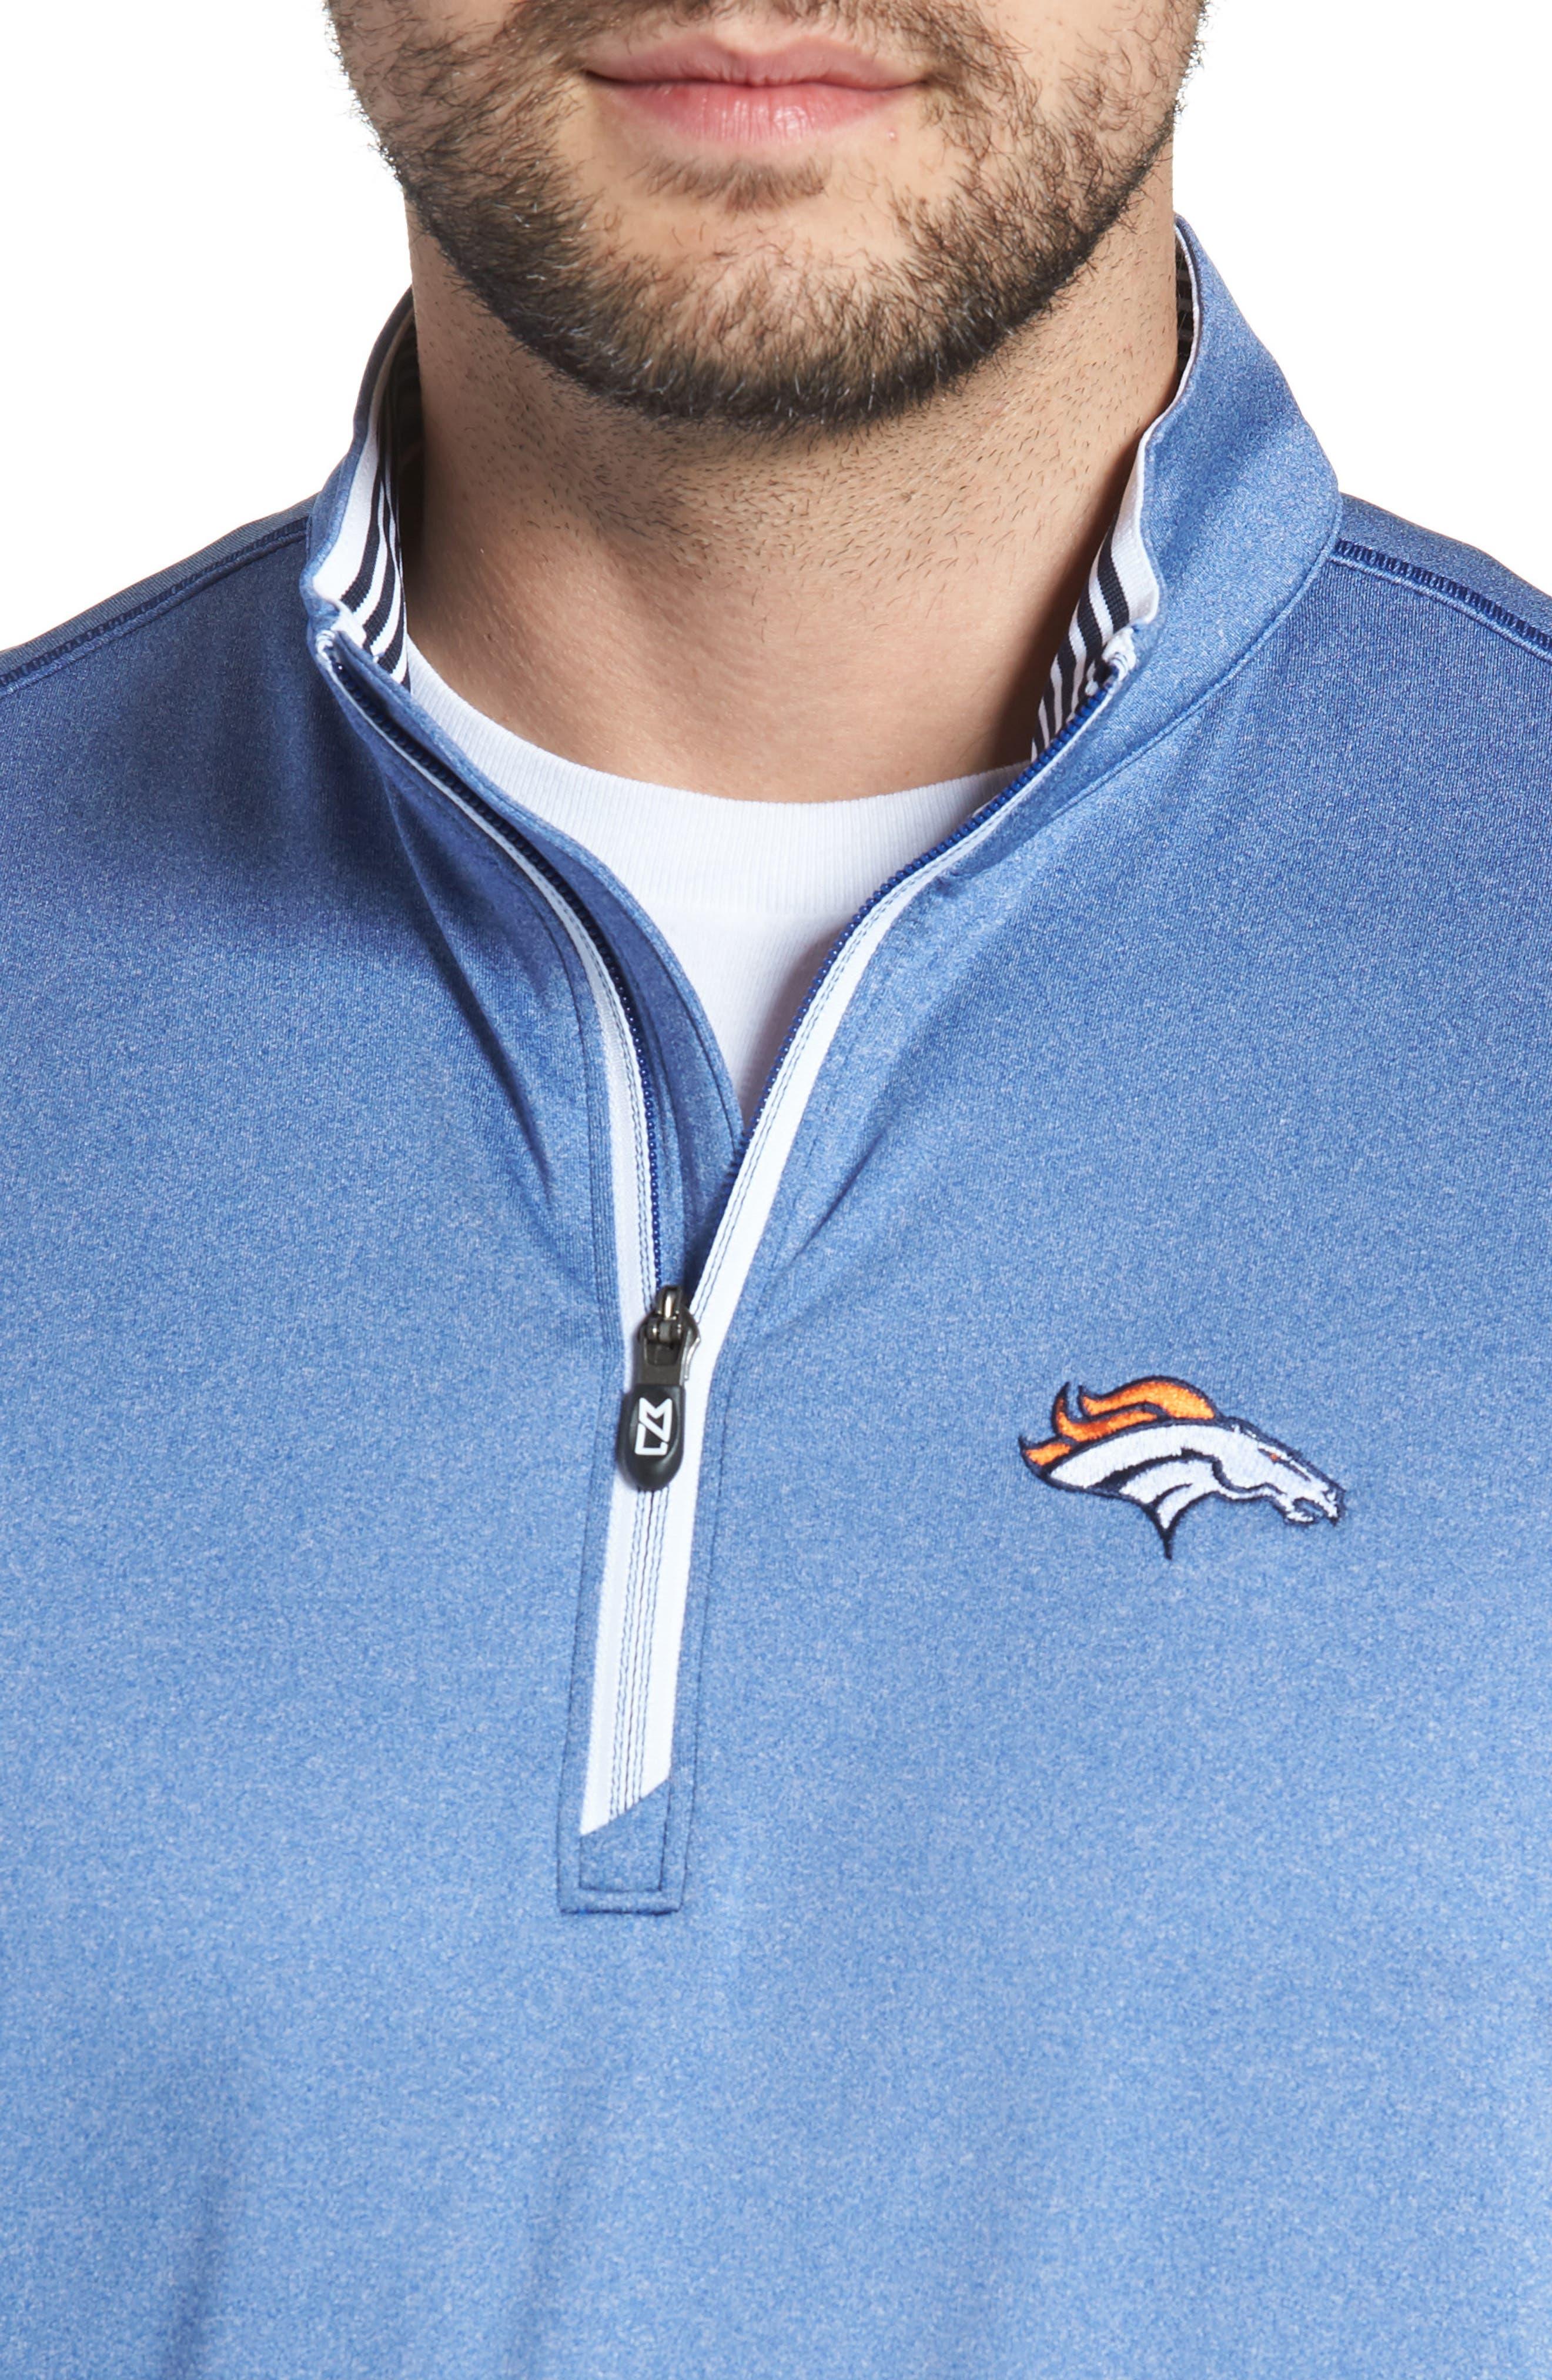 Endurance Denver Broncos Regular Fit Pullover,                             Alternate thumbnail 4, color,                             425